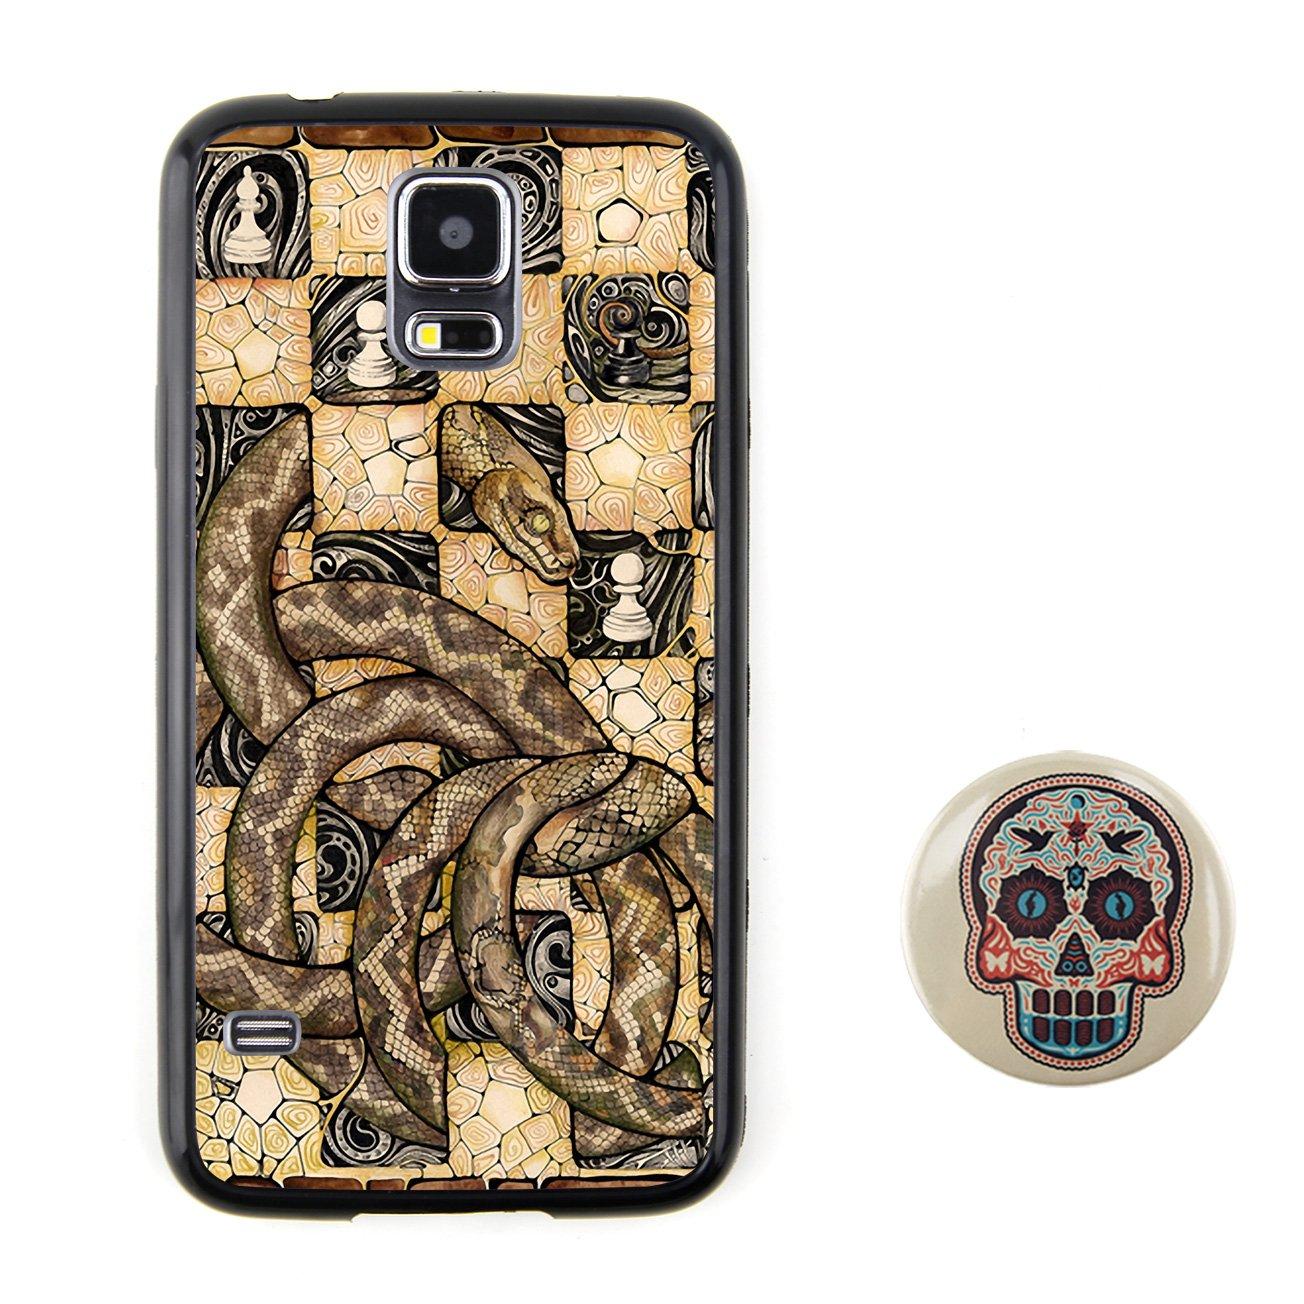 棋盘上的蛇 多彩卡通3d动物图案浮雕设计风格 塑料 tpu手机壳 手机套